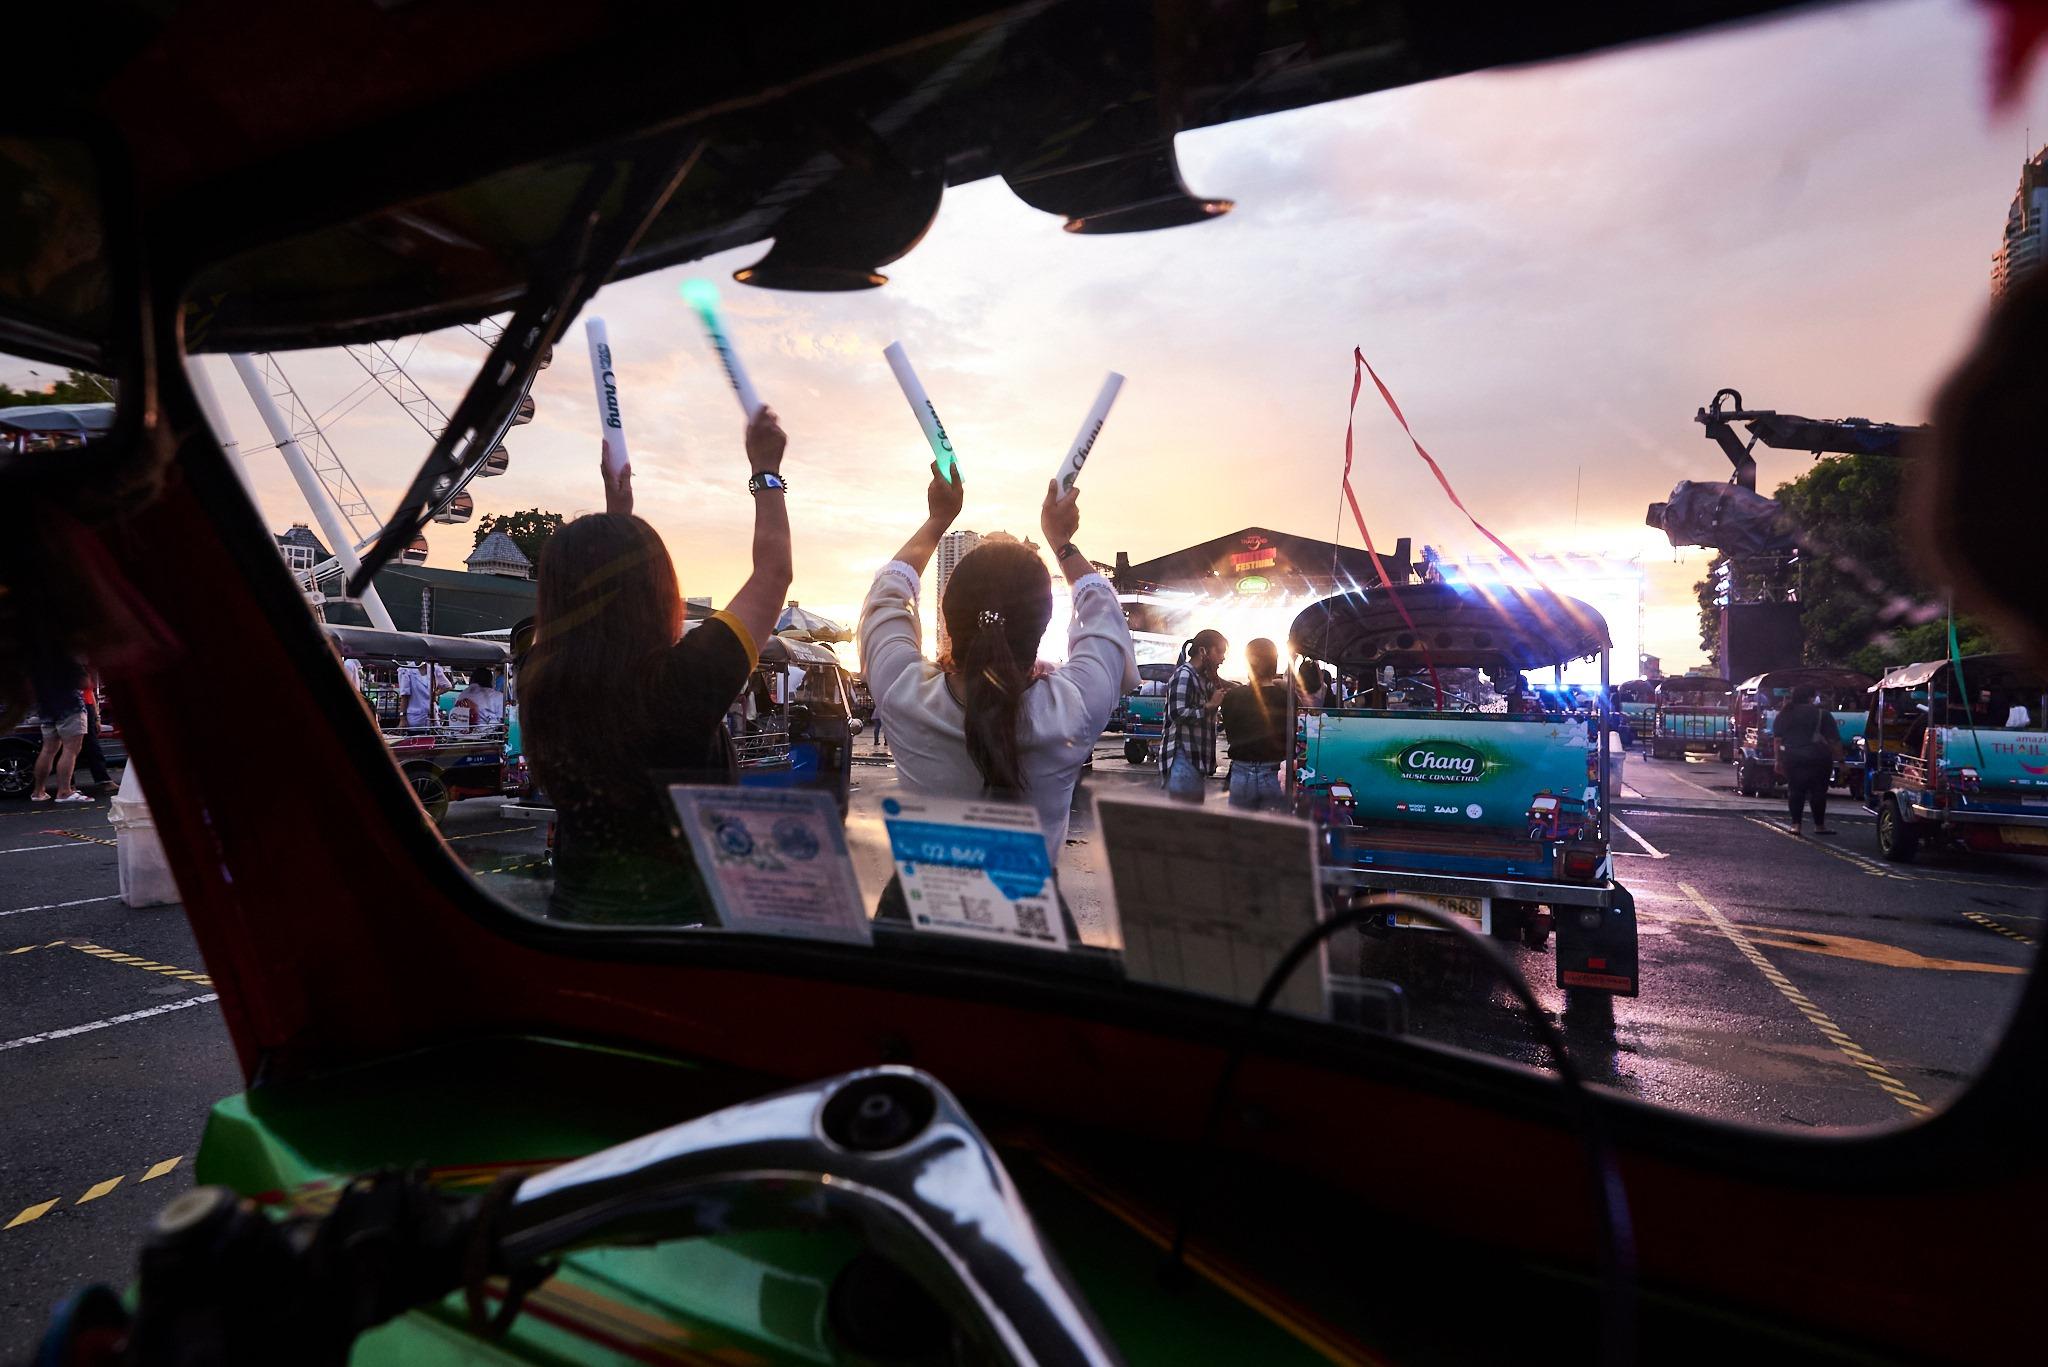 每辆嘟嘟车可容纳3人,车与车之间保持安全距离。-图摘自TUK TUK FEST脸书-